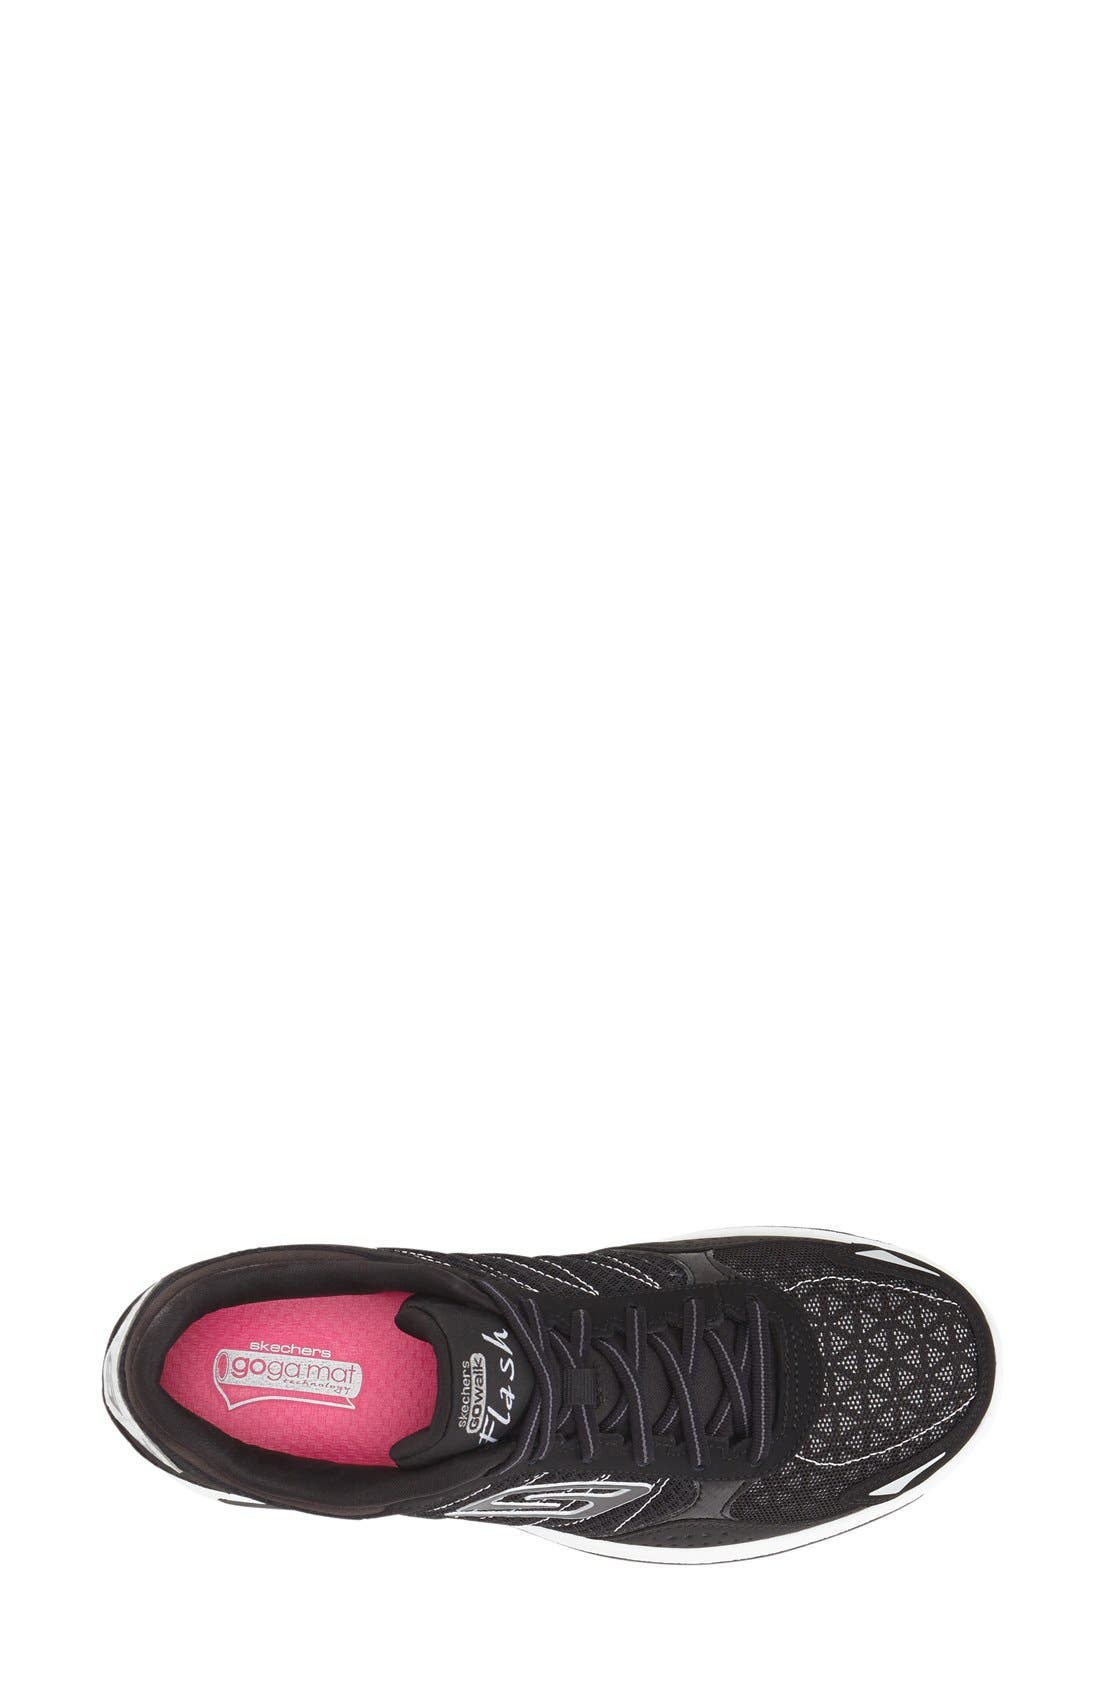 Alternate Image 3  - SKECHERS 'GOwalk 2 - Flash' Sneaker (Women)